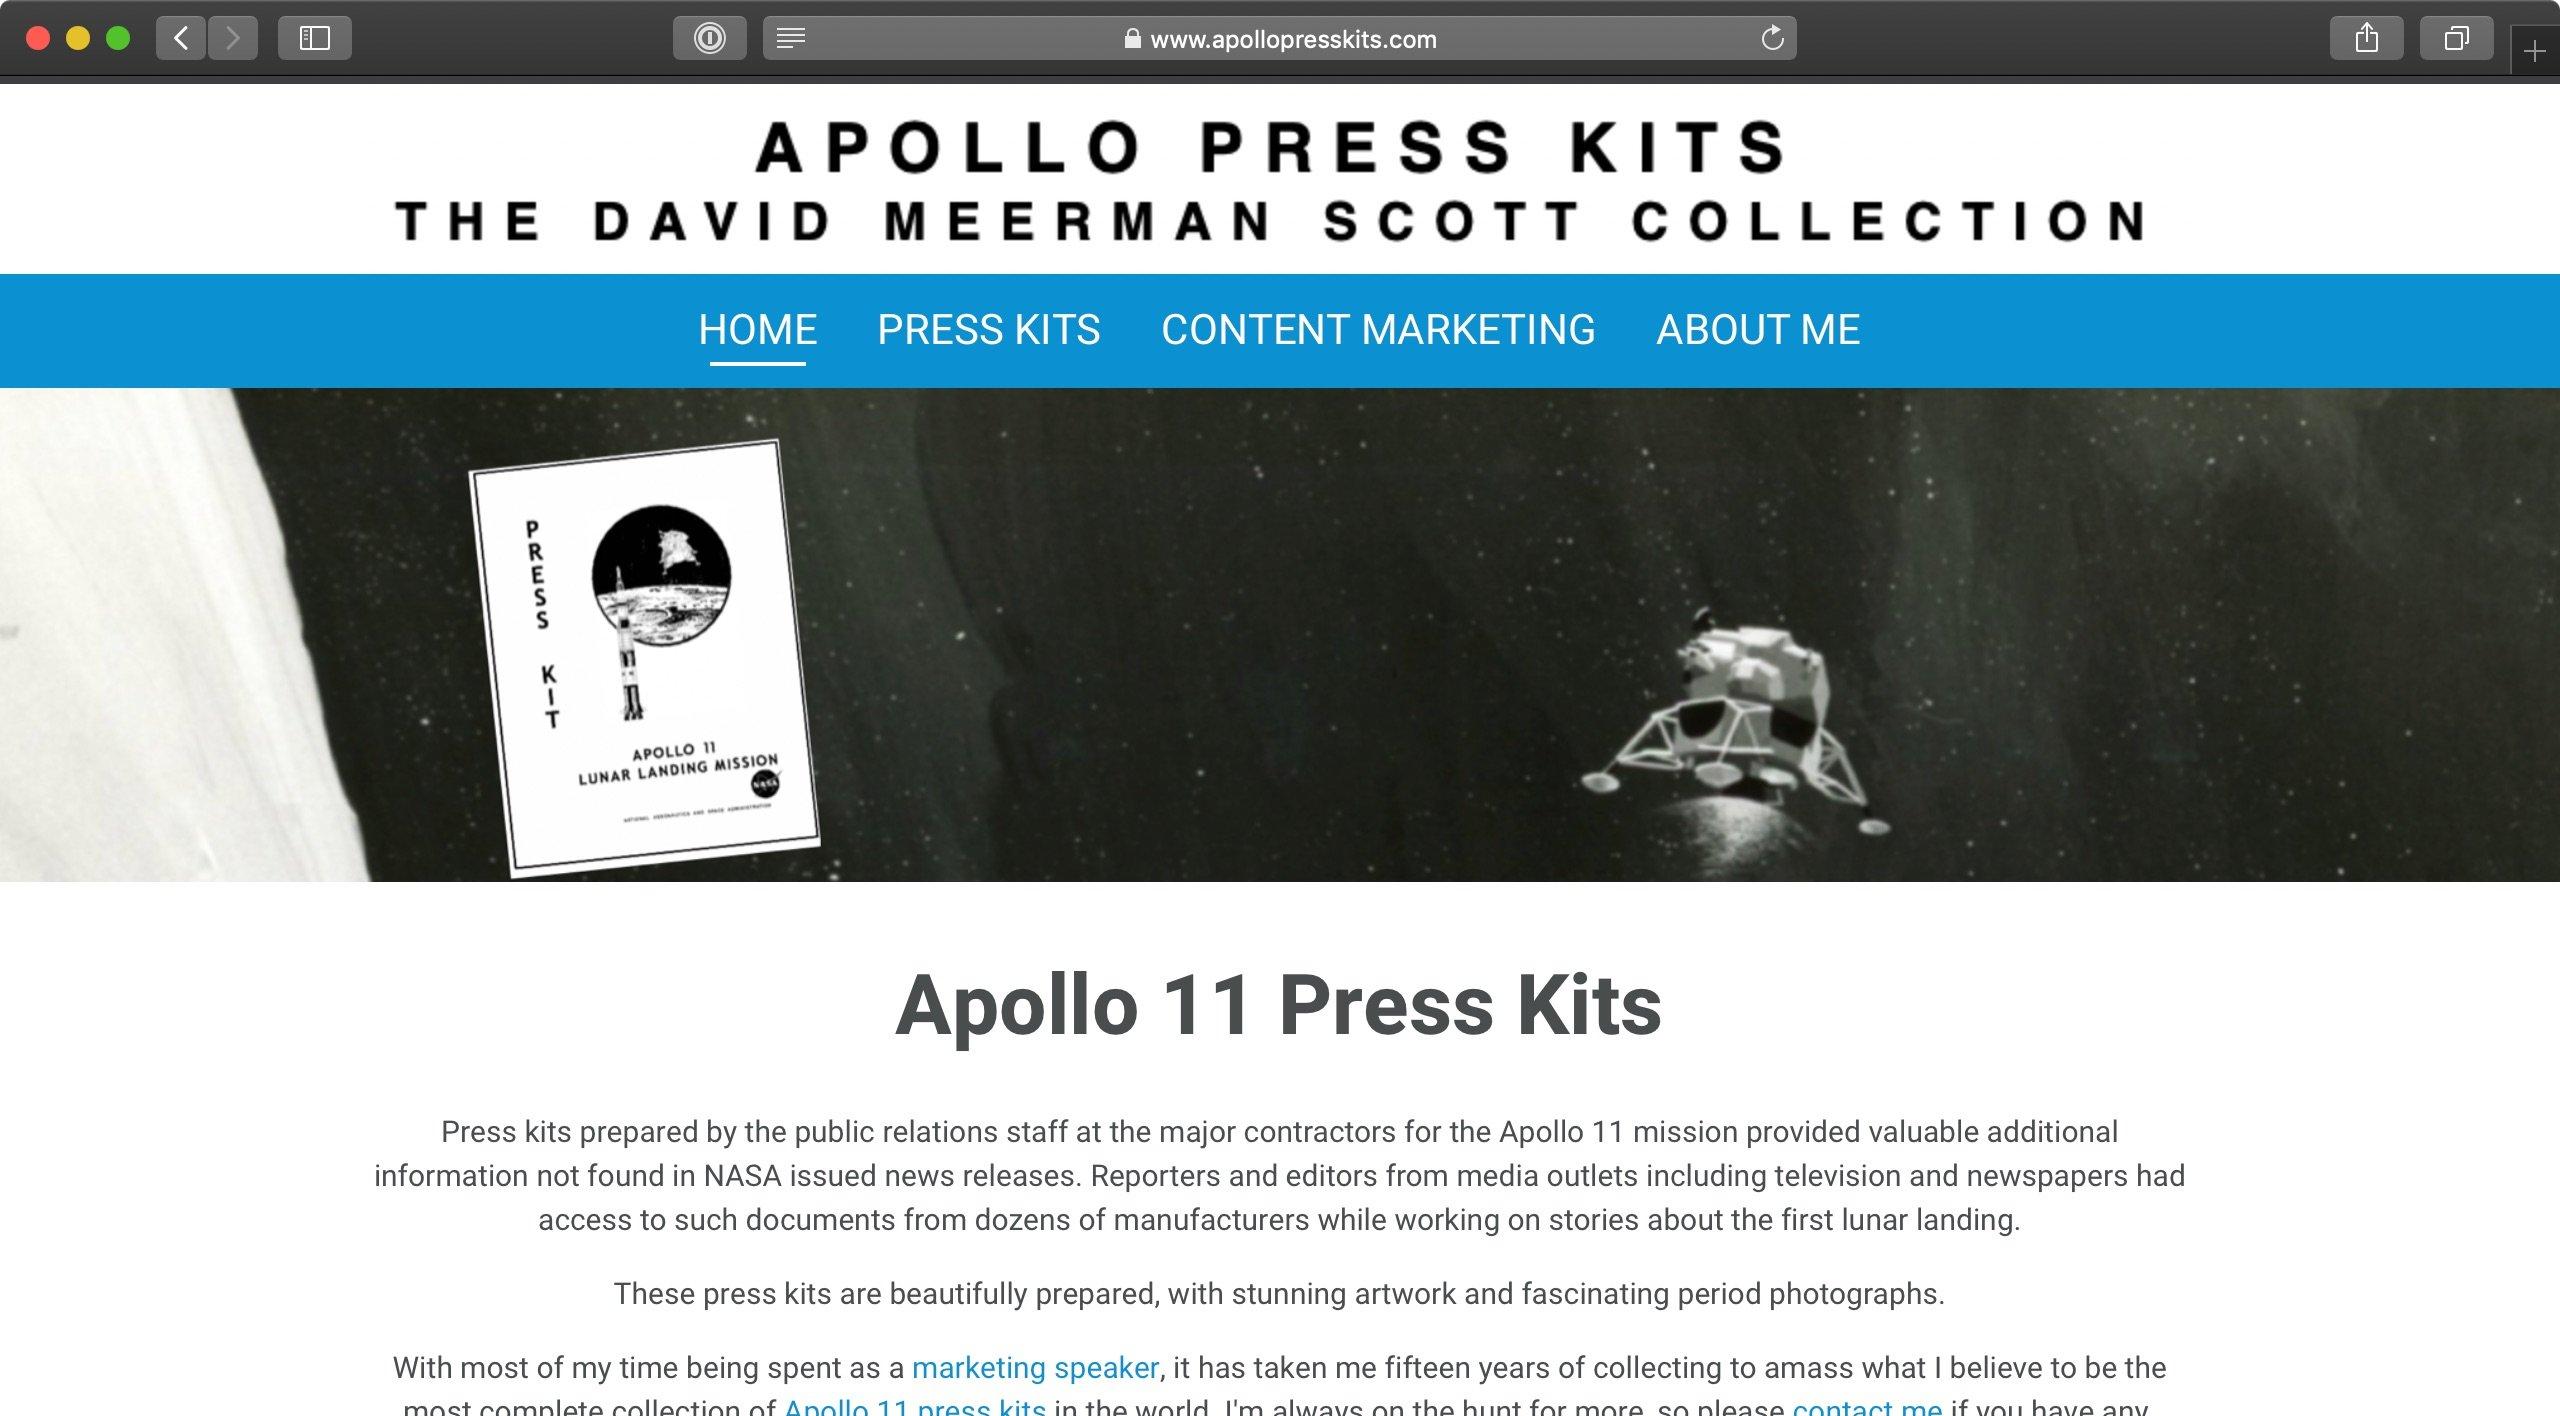 LinkTipp: Apollo 11 Press Kits